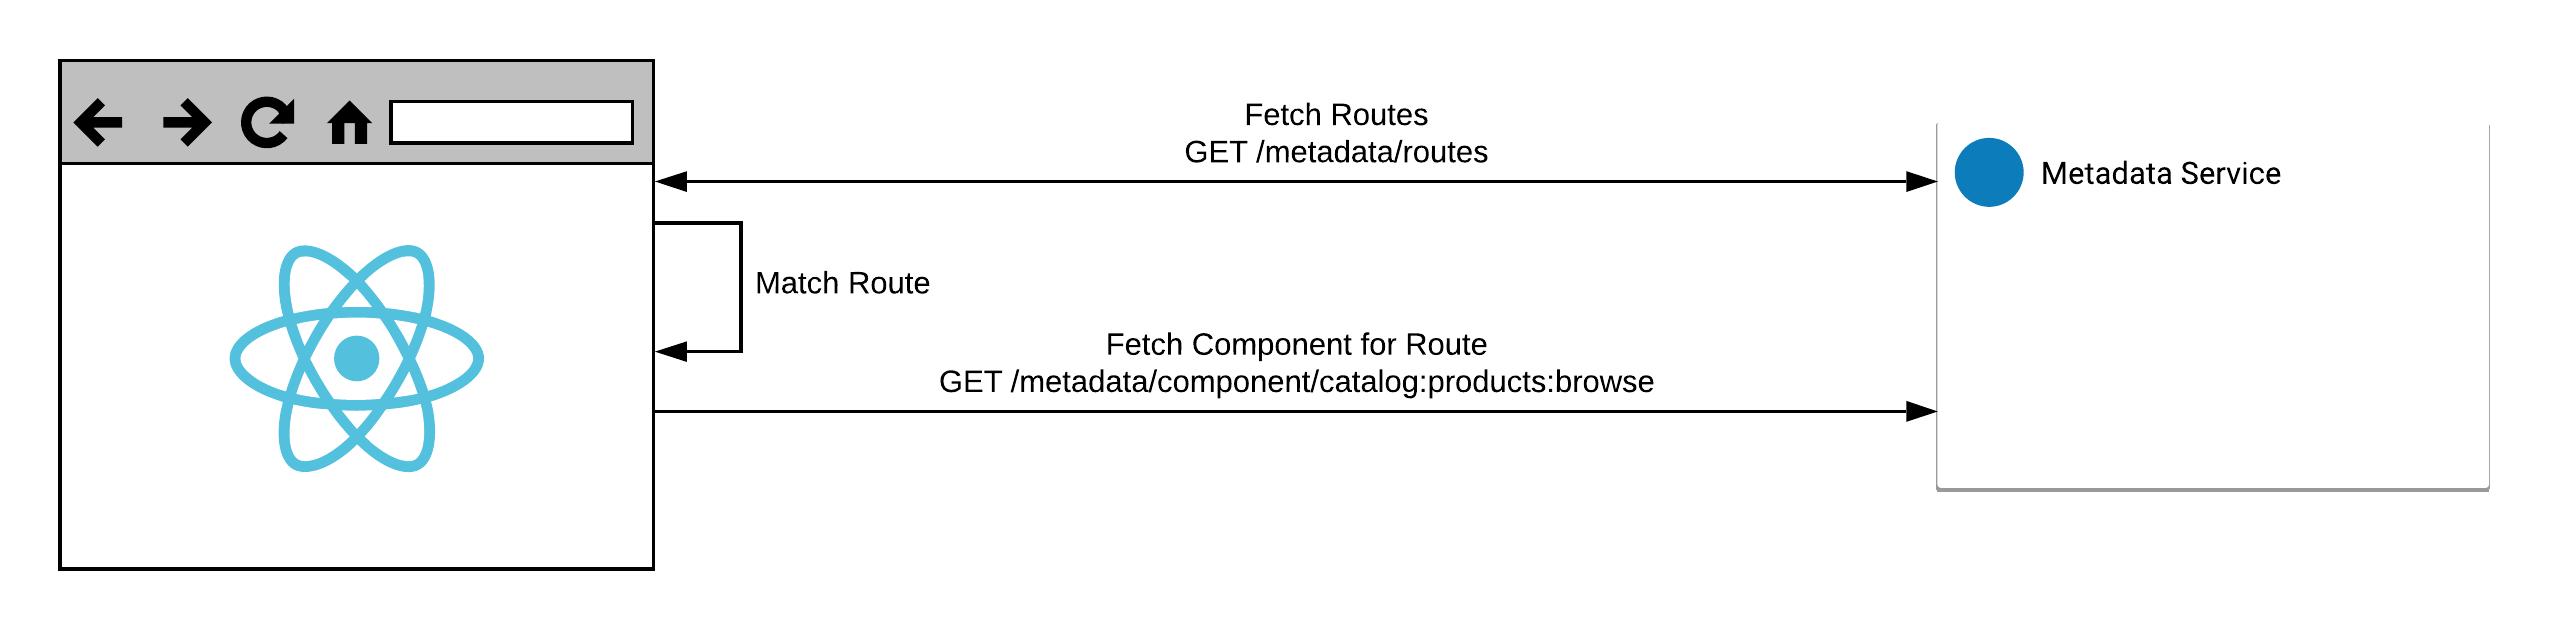 Routes & Components Diagram